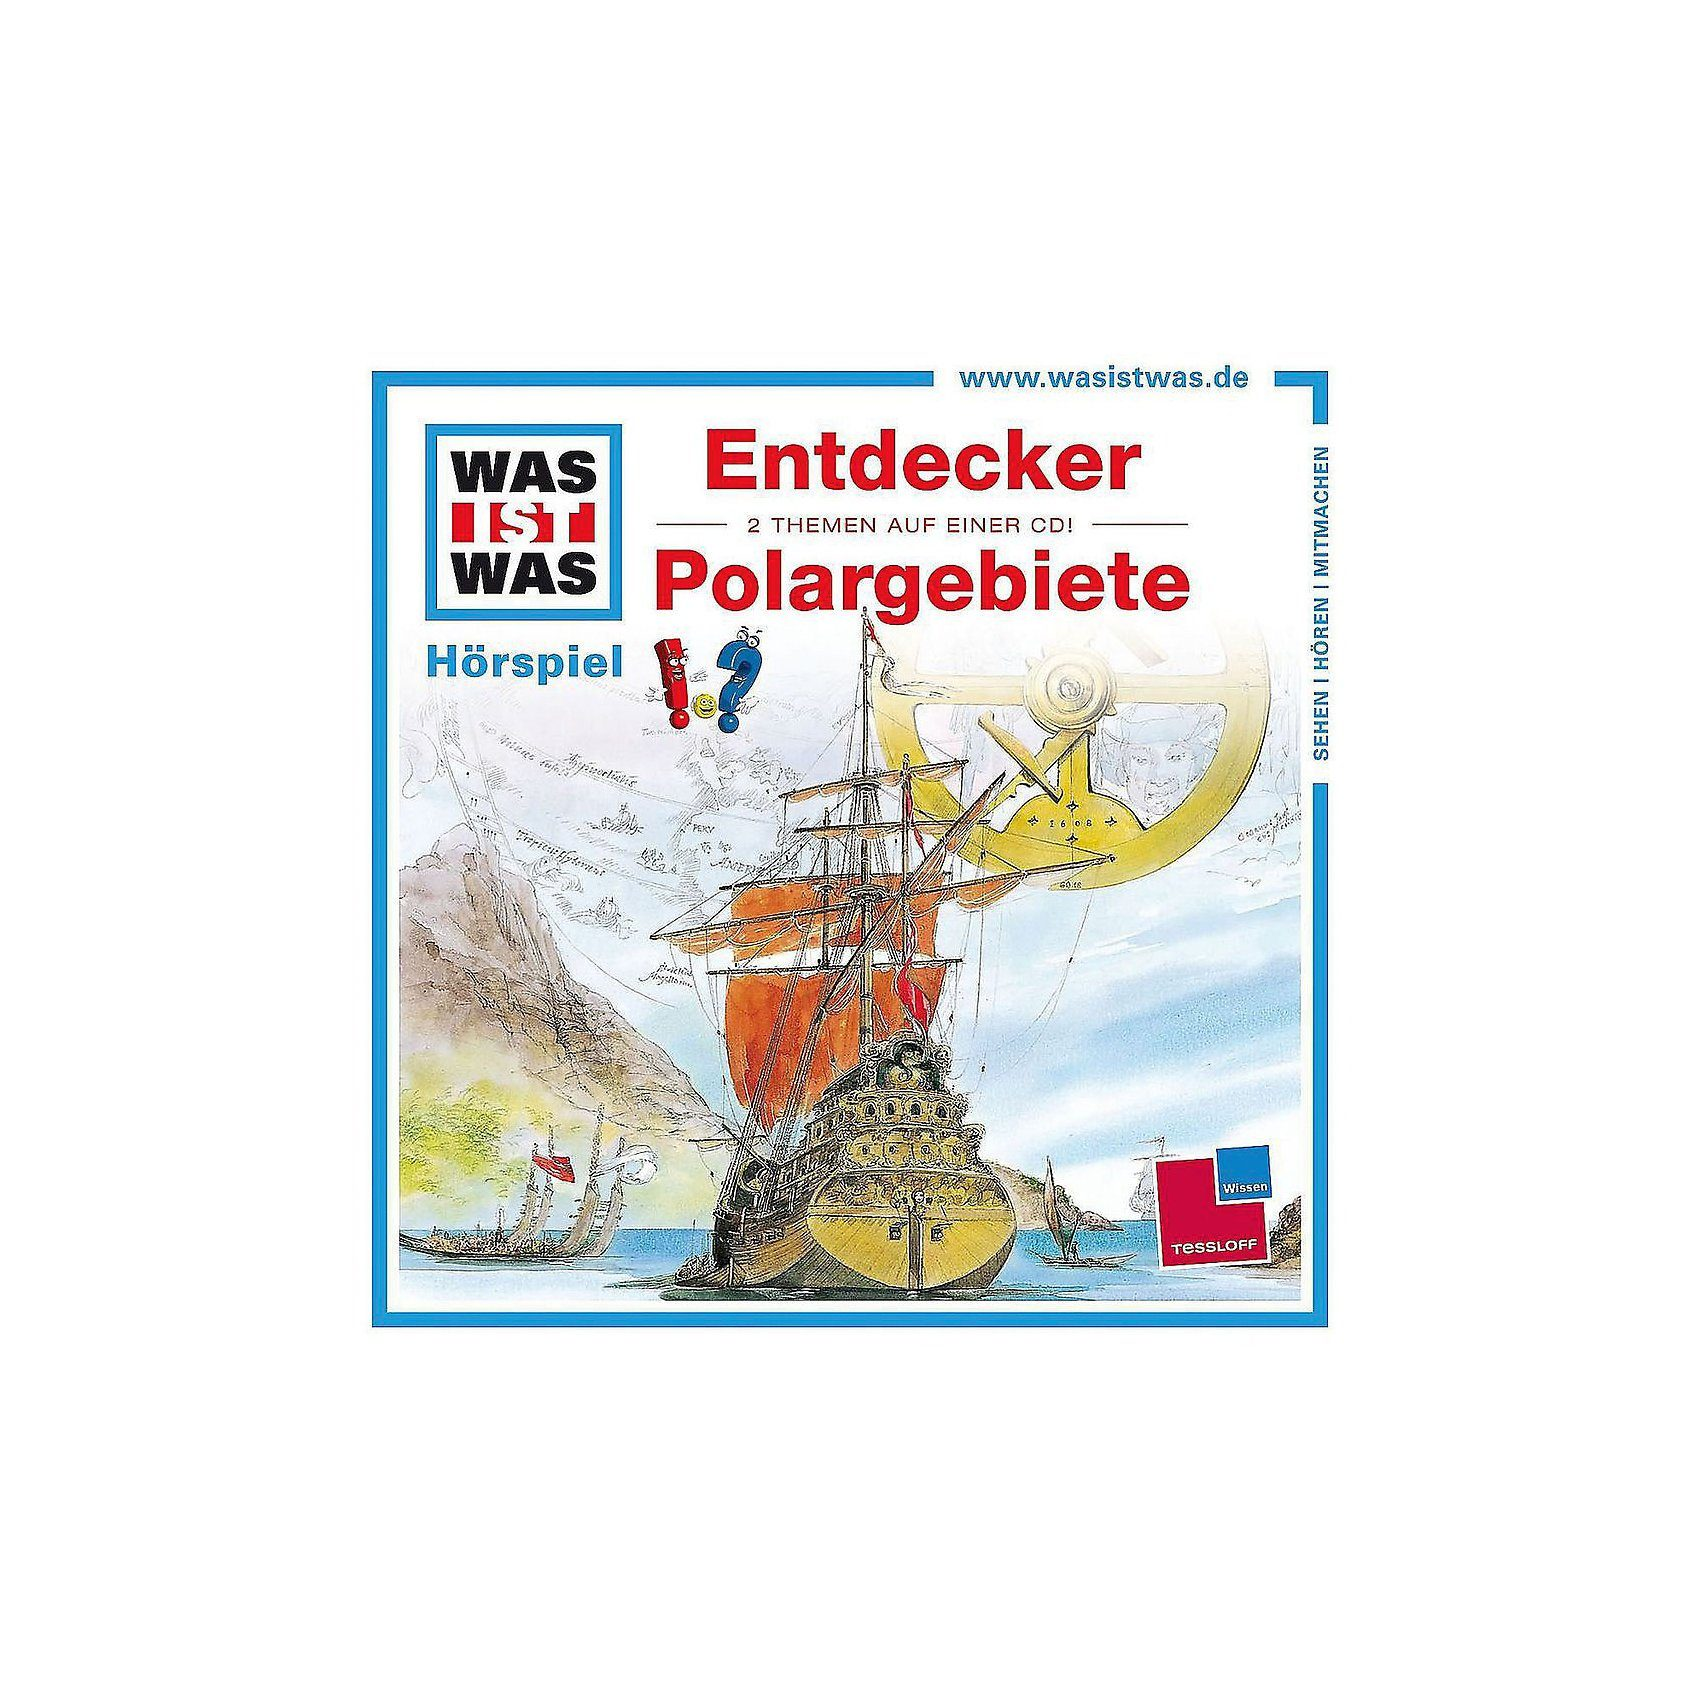 Universal CD Was ist Was 17 (Entdecker/ Polargebiete)